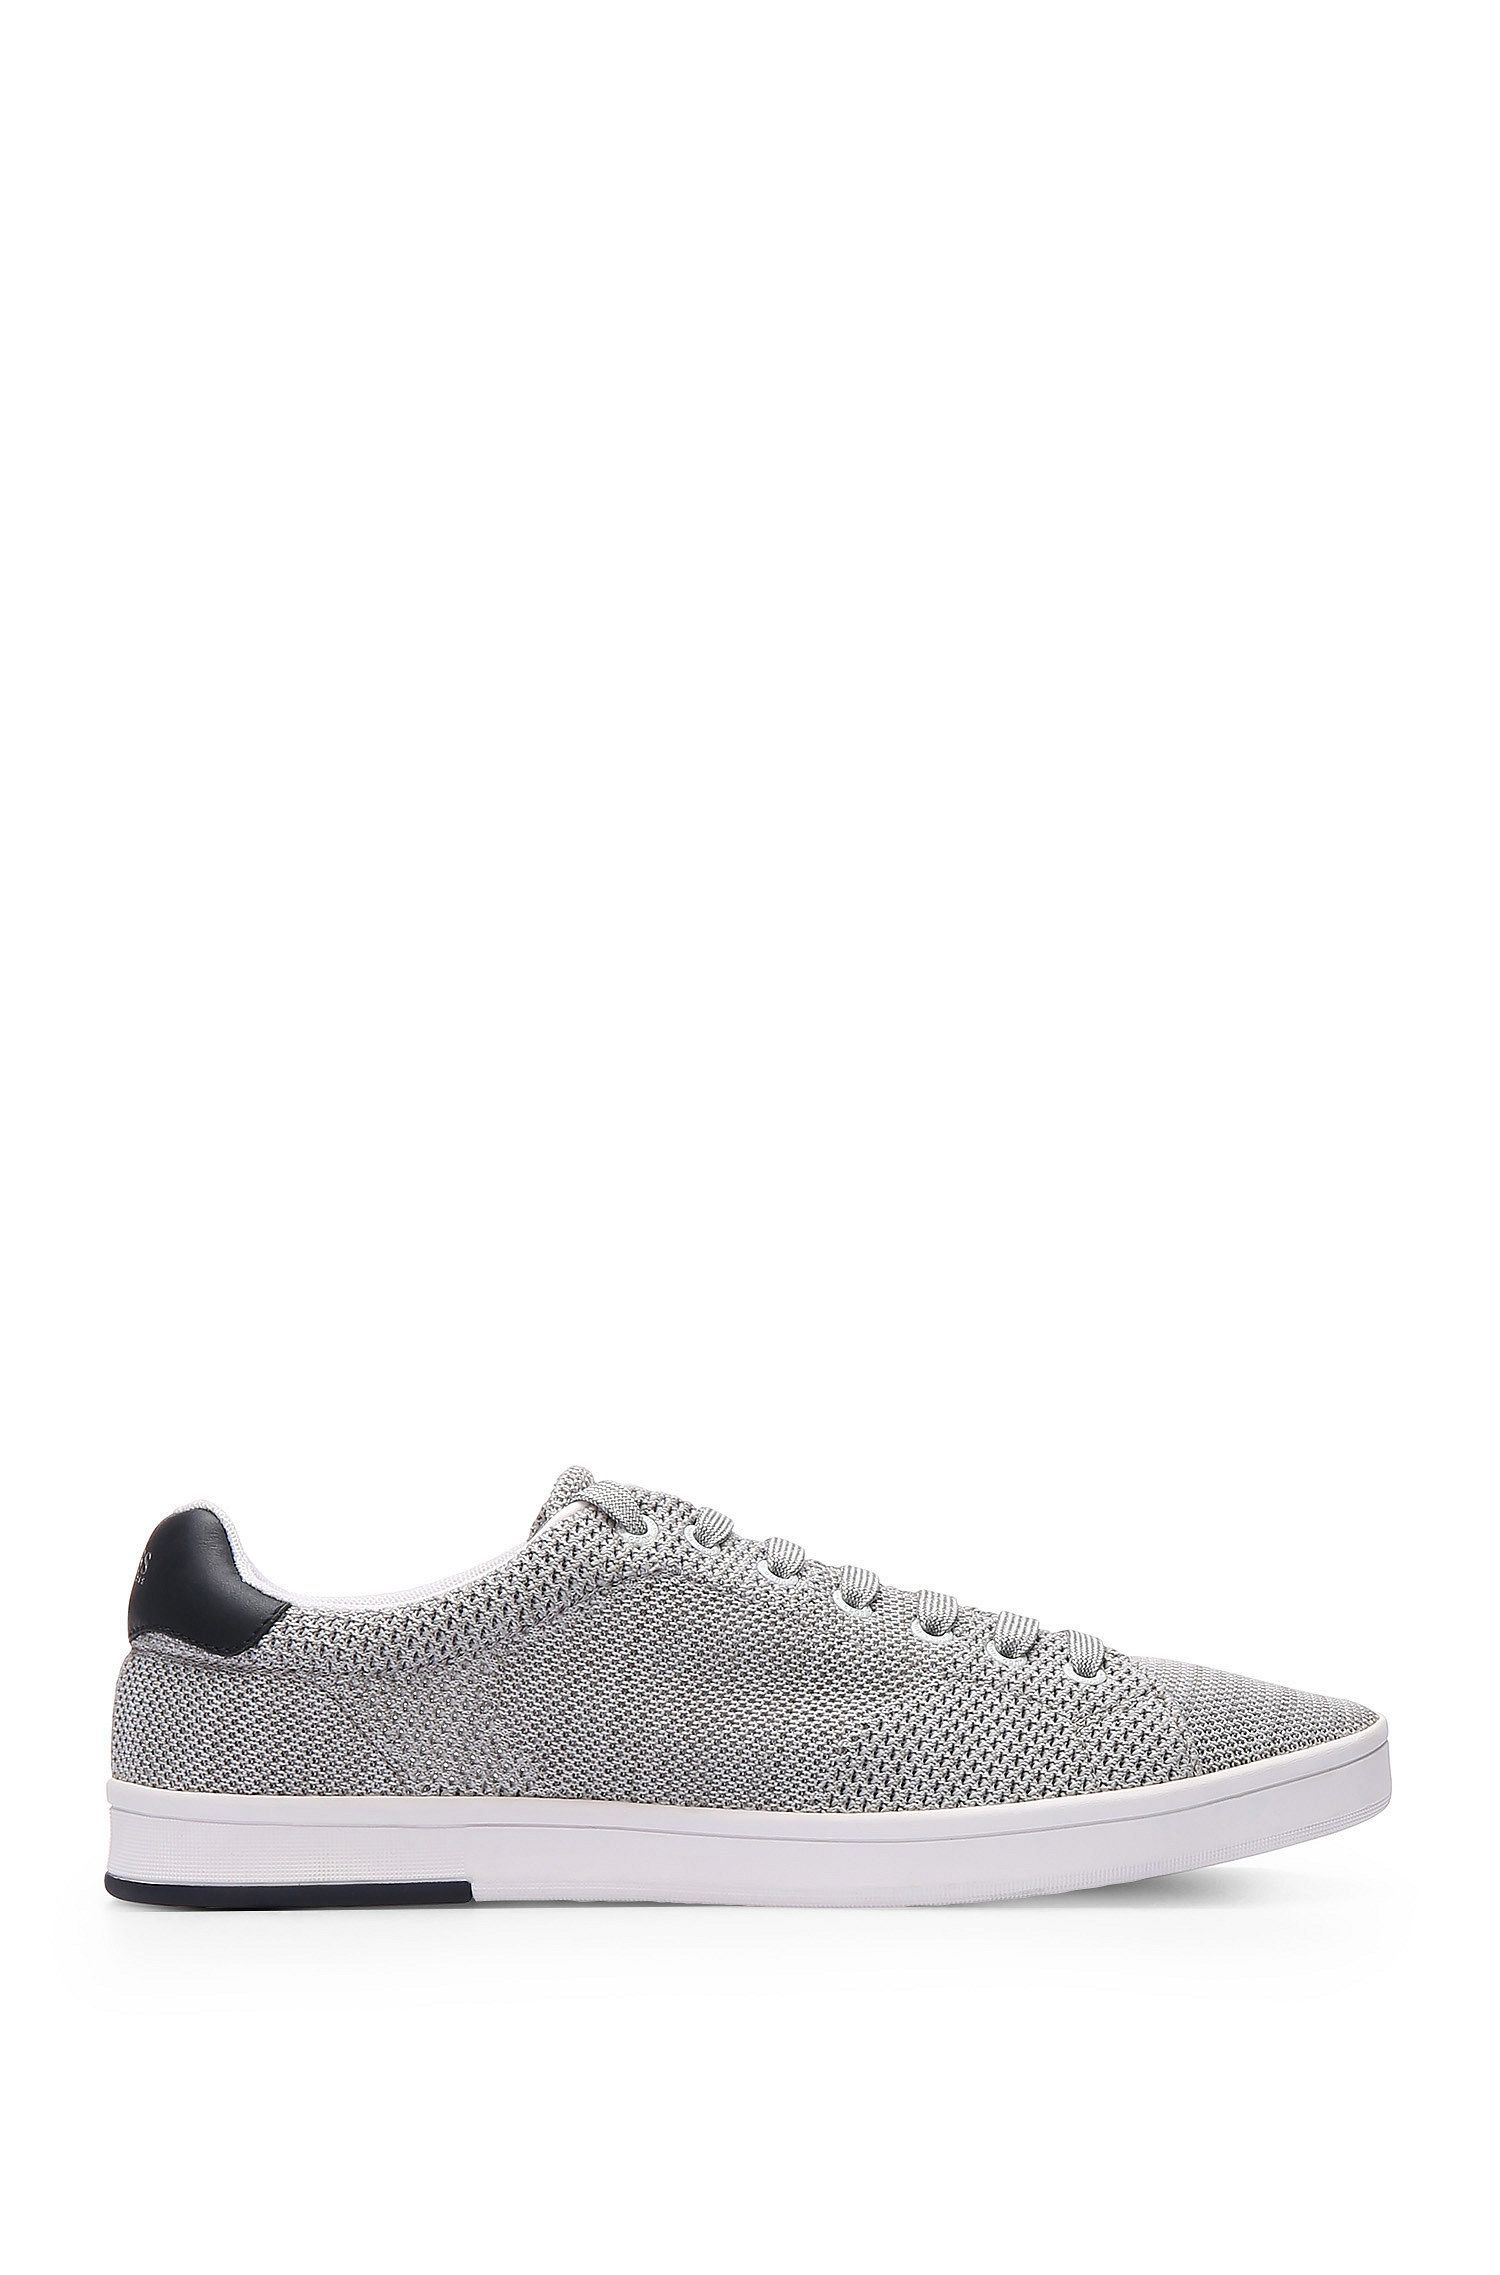 Sneakers aus strickähnlichem Textil mit Lederbesätzen: ´Rayadv_Tenn_sykn`